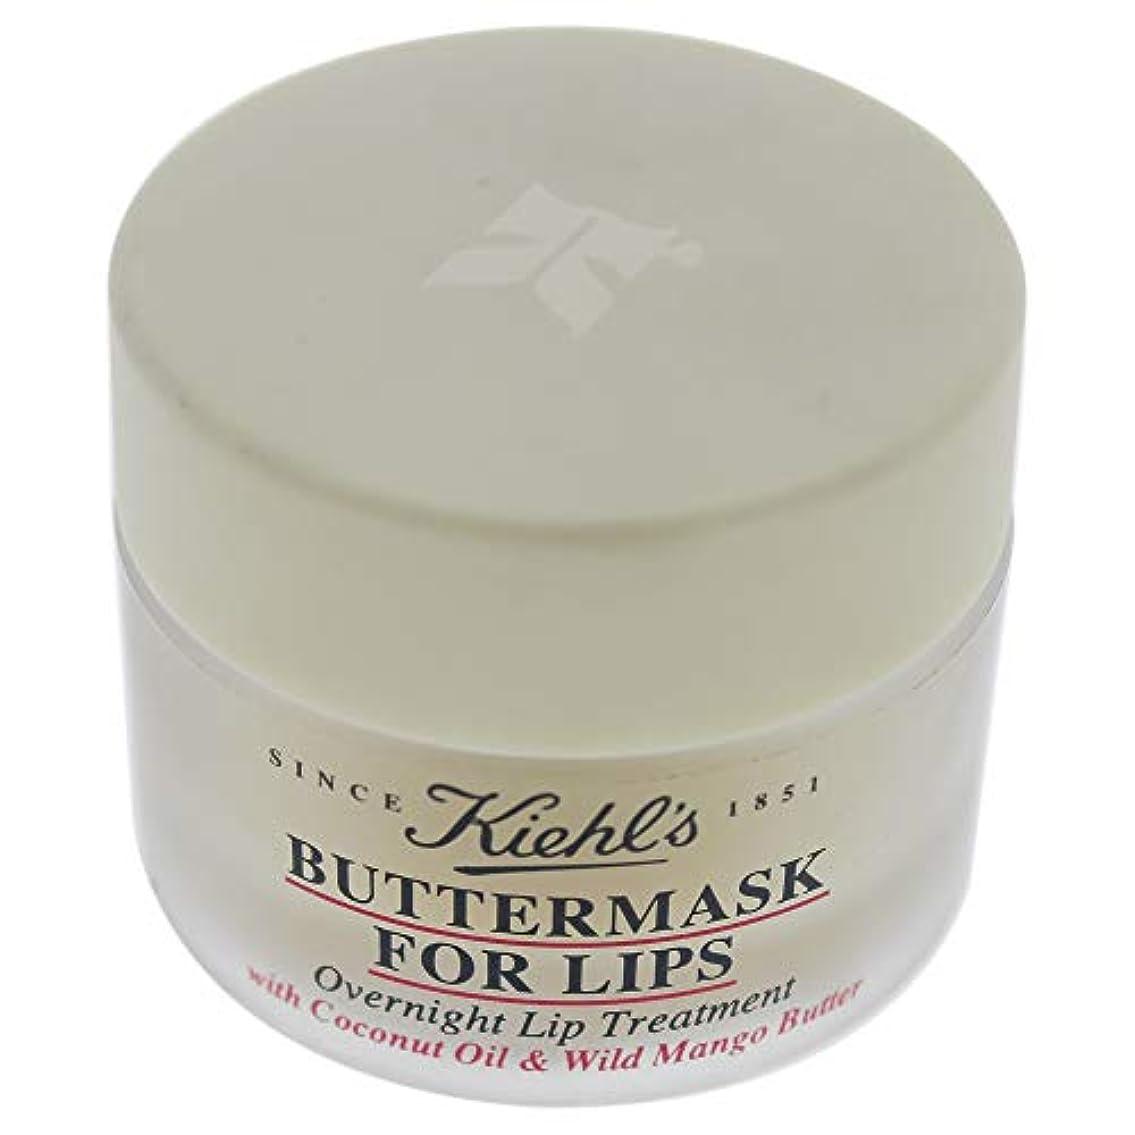 保証金守銭奴封建Kiehl's Buttermask For Lips With Coconut Oil and Wild Mango Butter 15ml